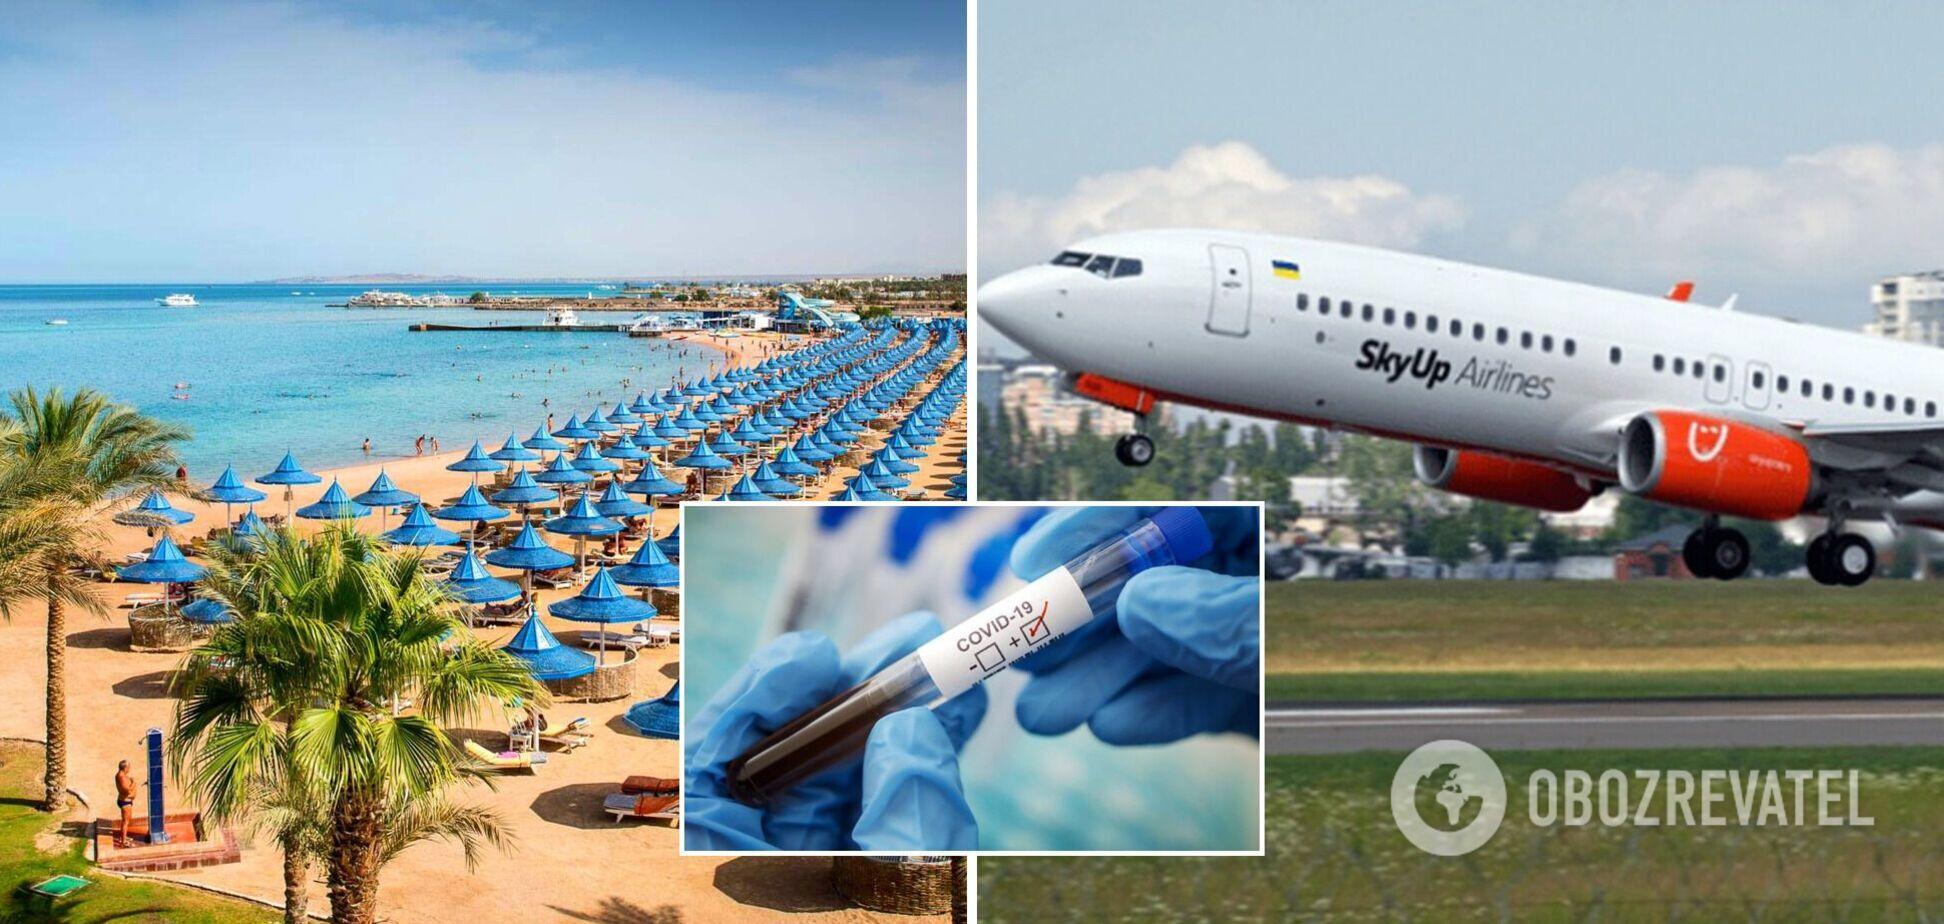 В Египте задержали самолет с украинцами из-за положительного ПЦР-теста